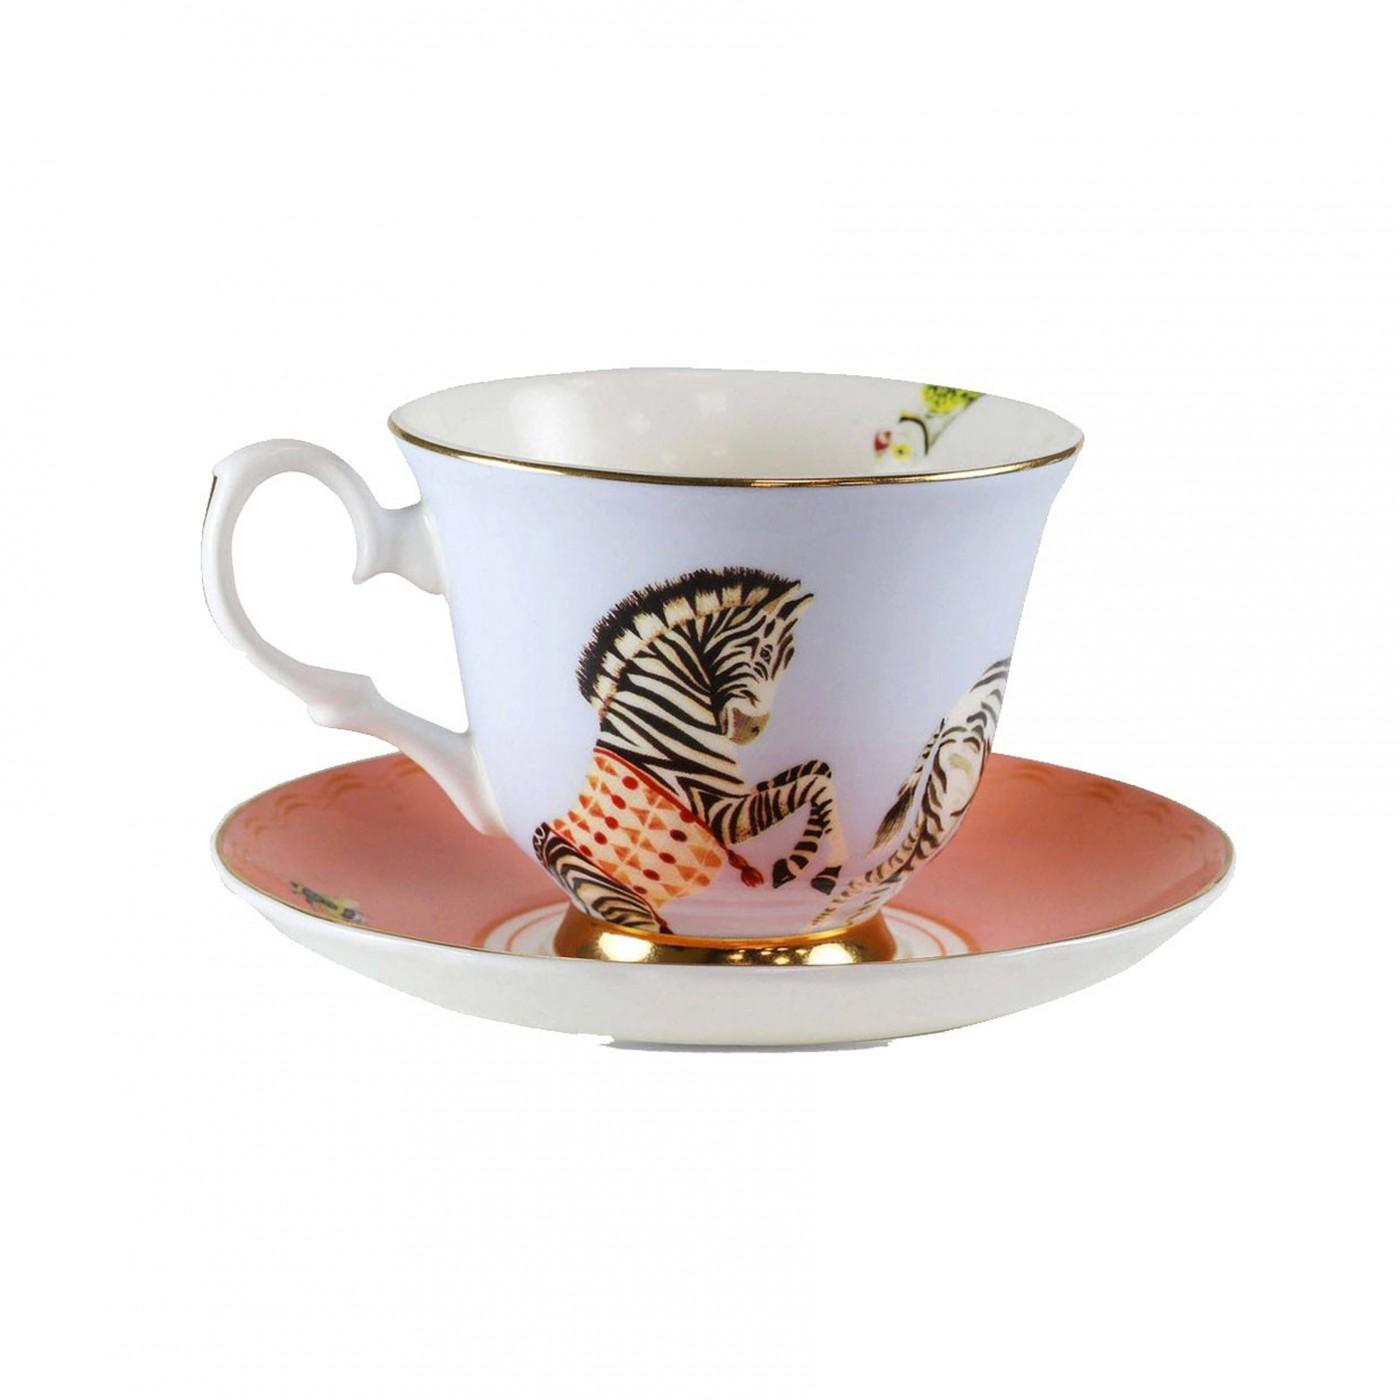 Tasse à thé et soucoupe en porcelaine zèbre